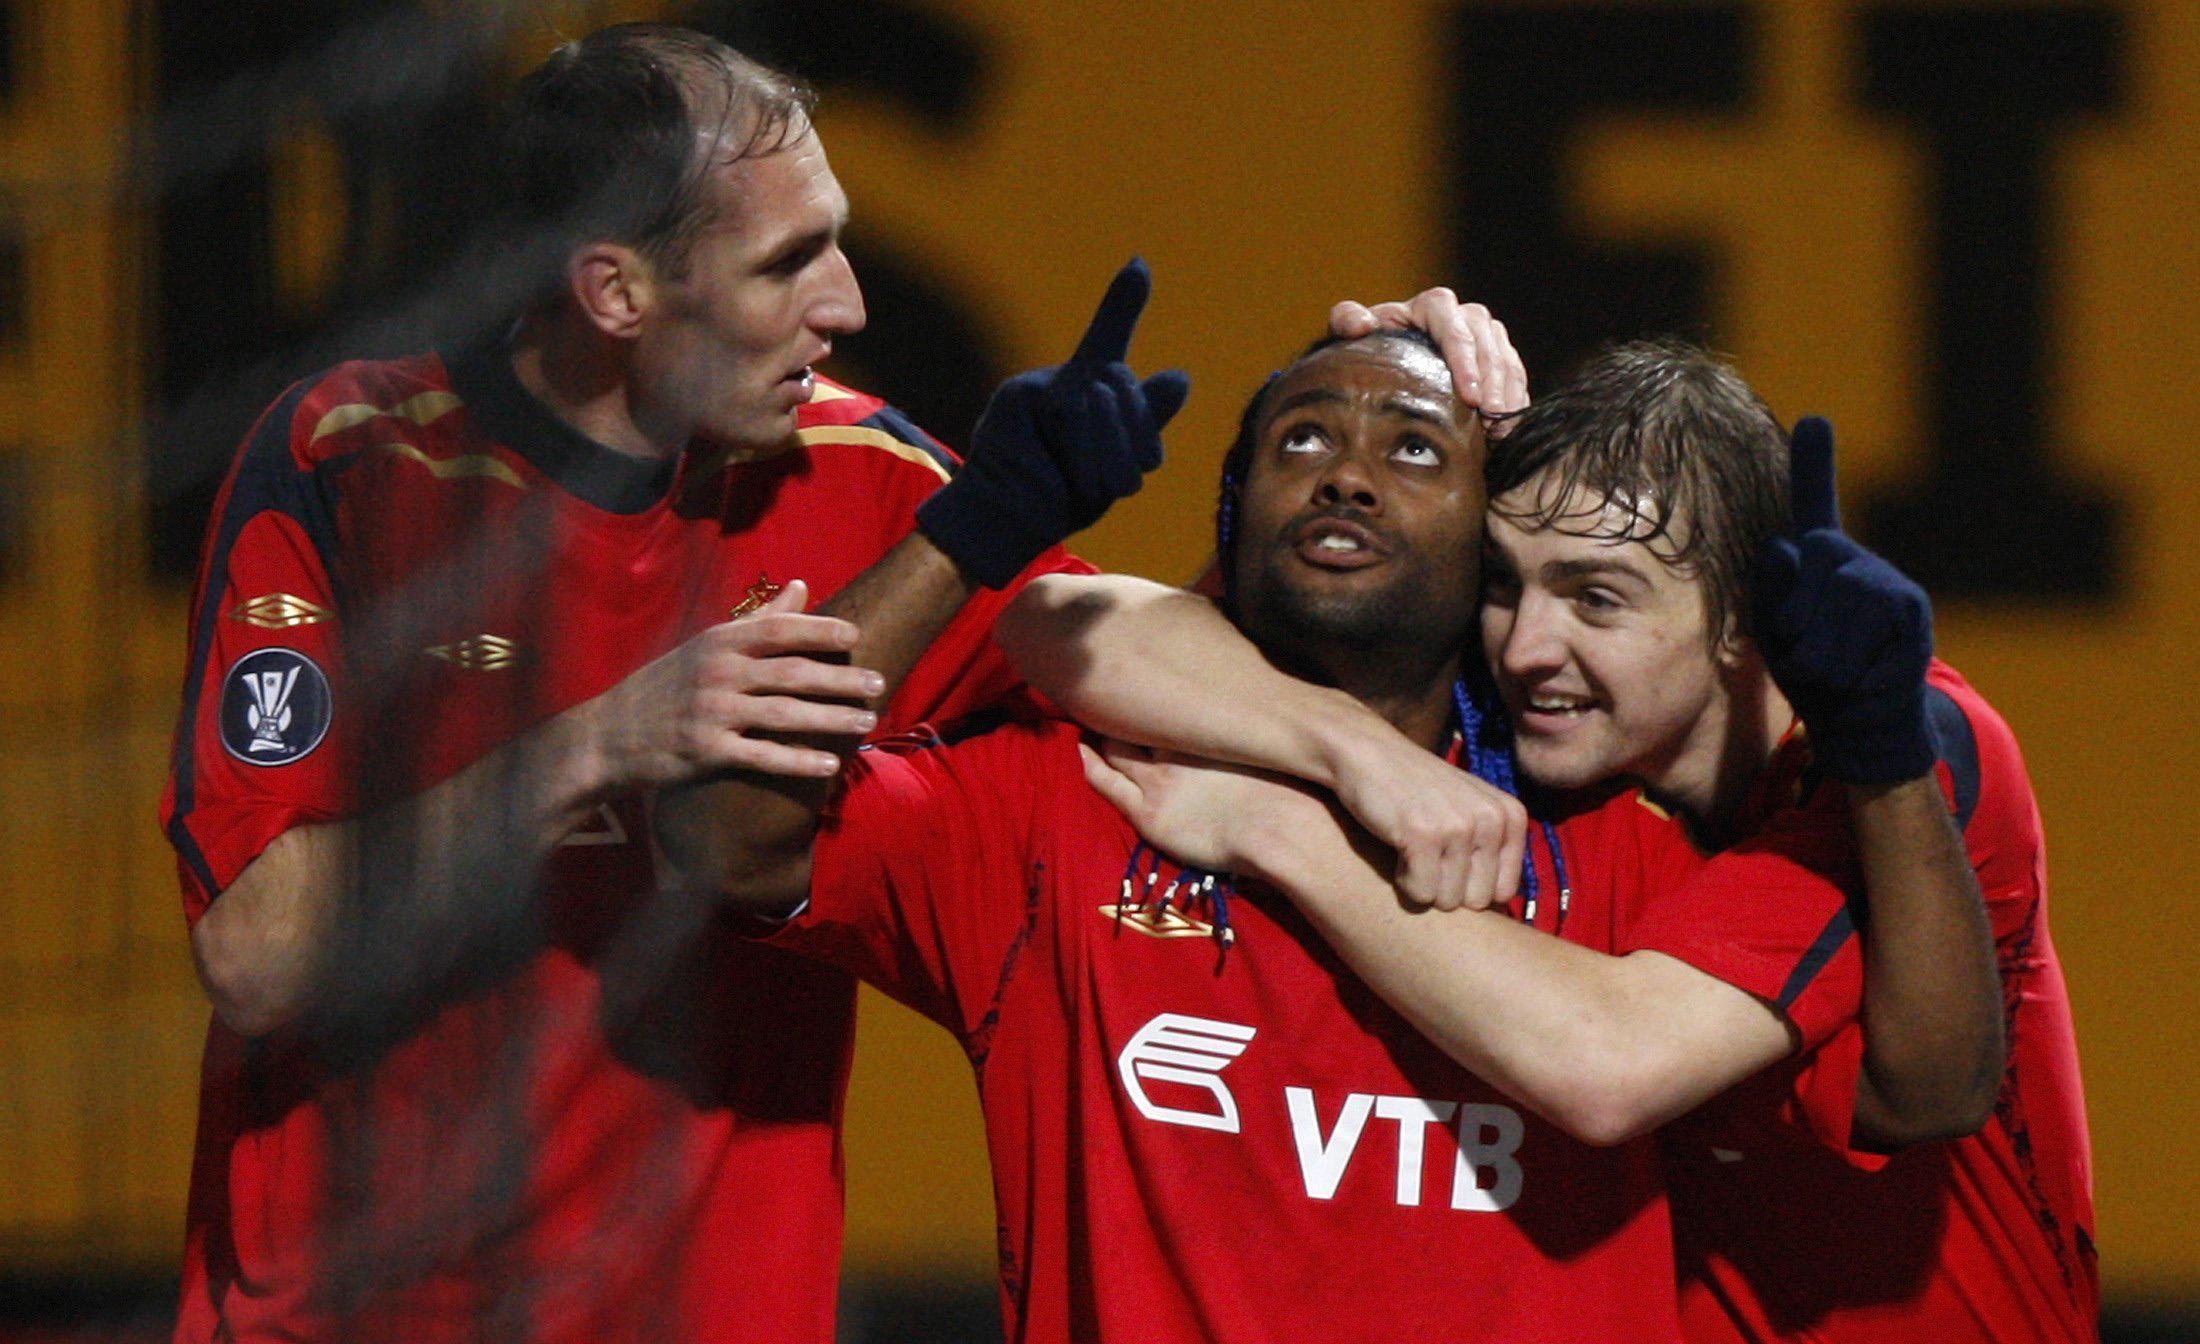 В 2009-м ЦСКА Зико прошел «Астон Виллу» в Кубке УЕФА. А Вагнер Лав стал лучшим бомбардиром последнего турнира